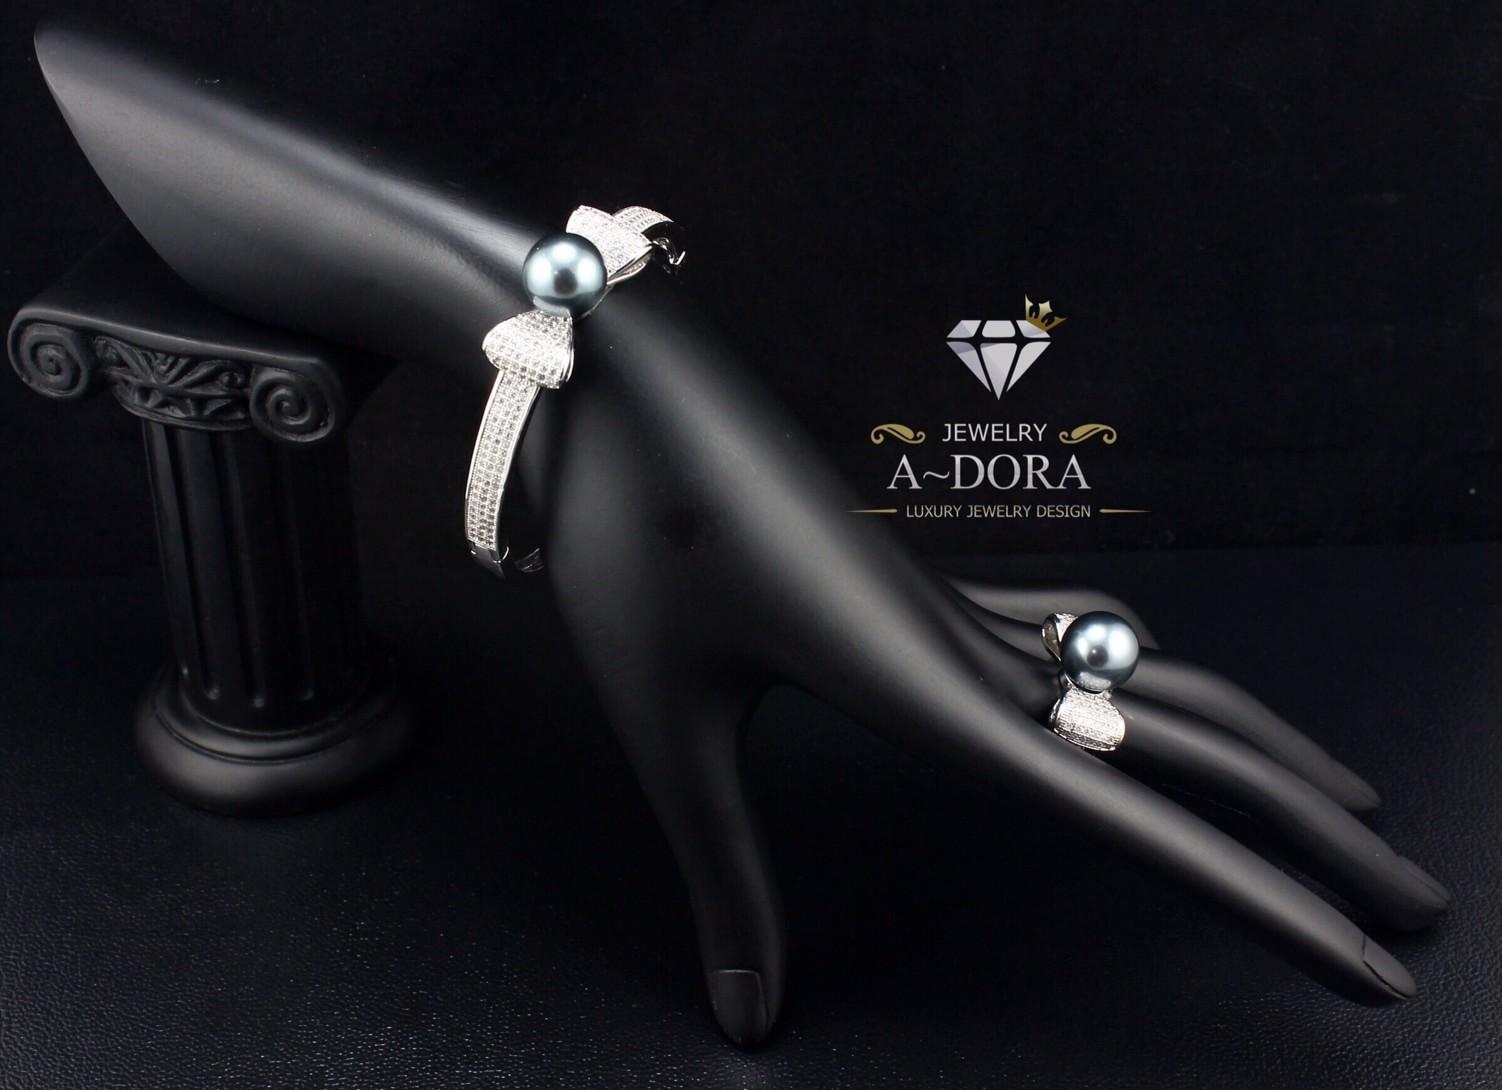 พร้อมส่ง ~ Bracelet+Ring+Earring Setงานเพชร CZ แท้งานเกรดไฮเอนค่ะ เพชร CZ